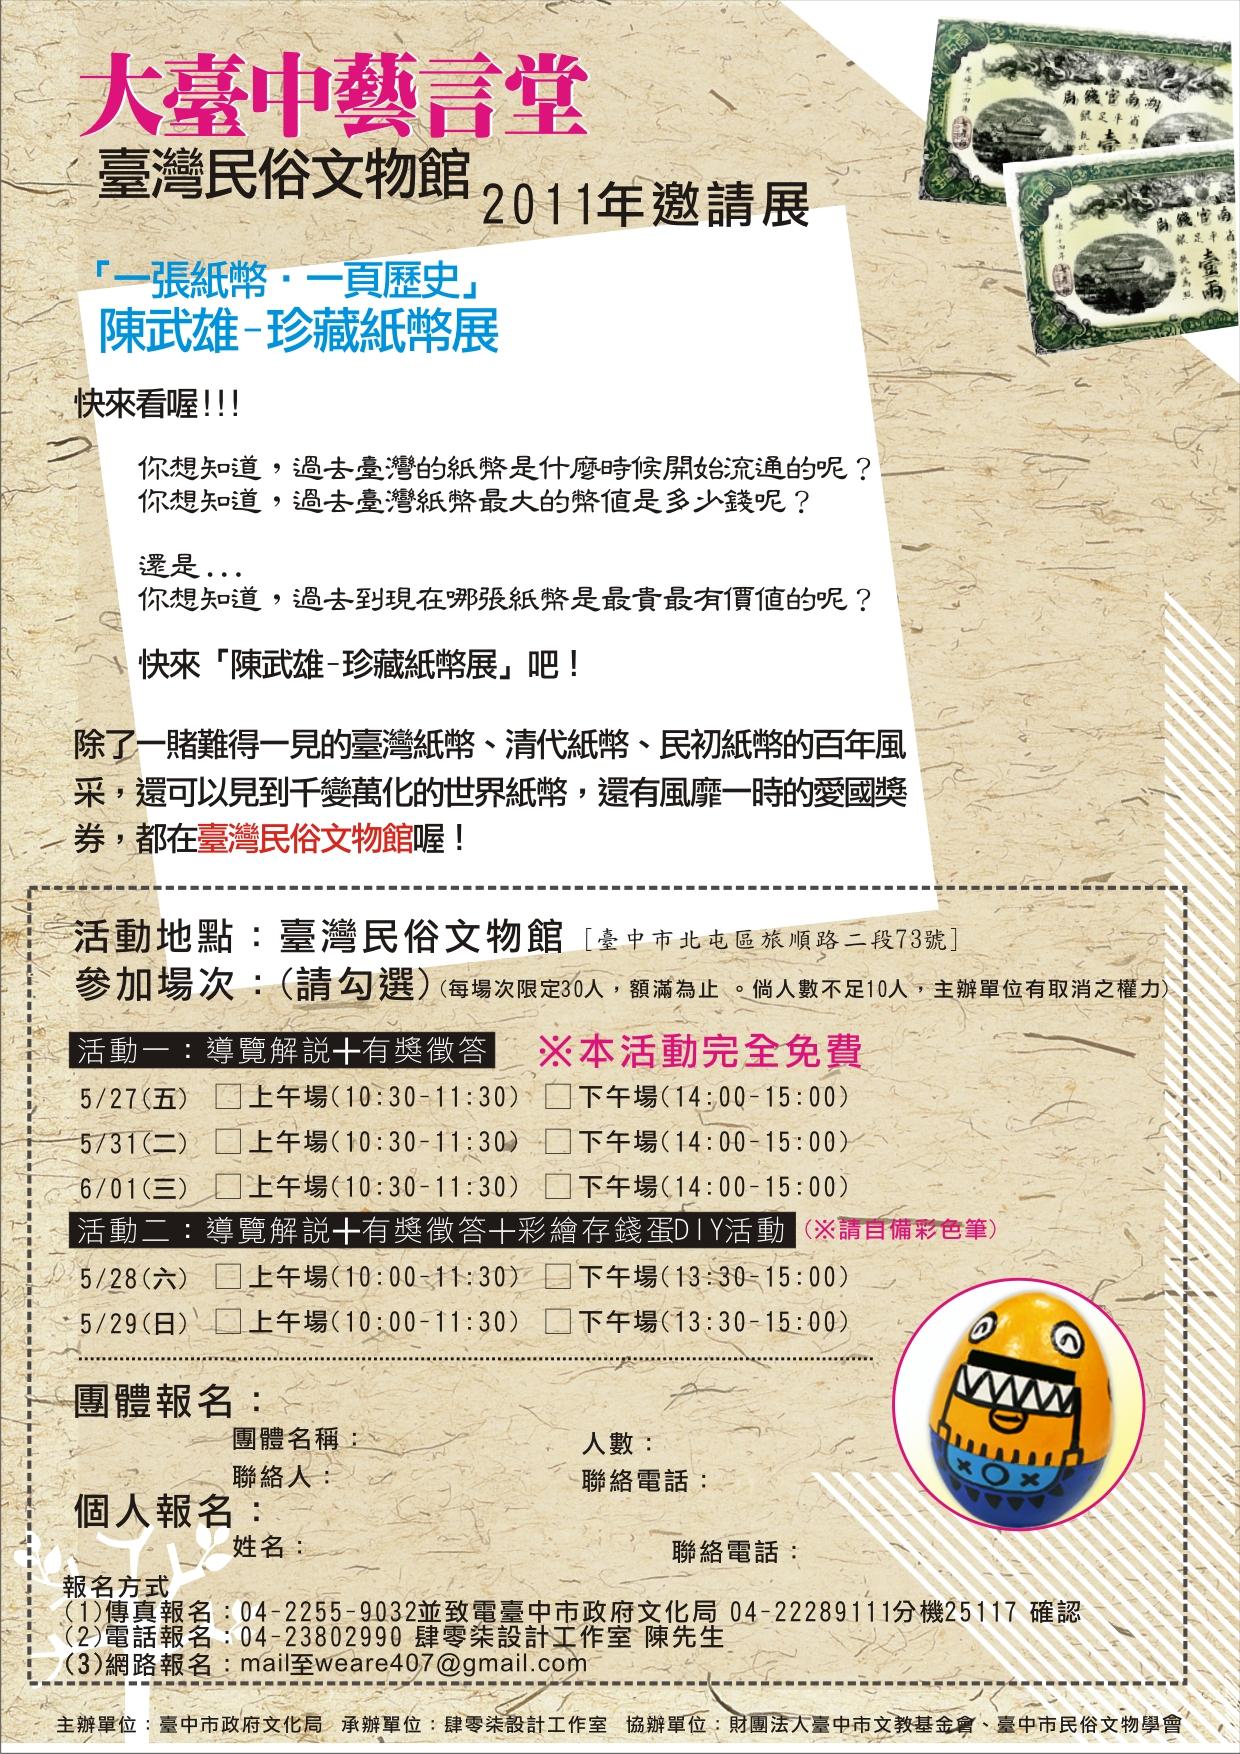 台灣民俗文物展免費導覽~1